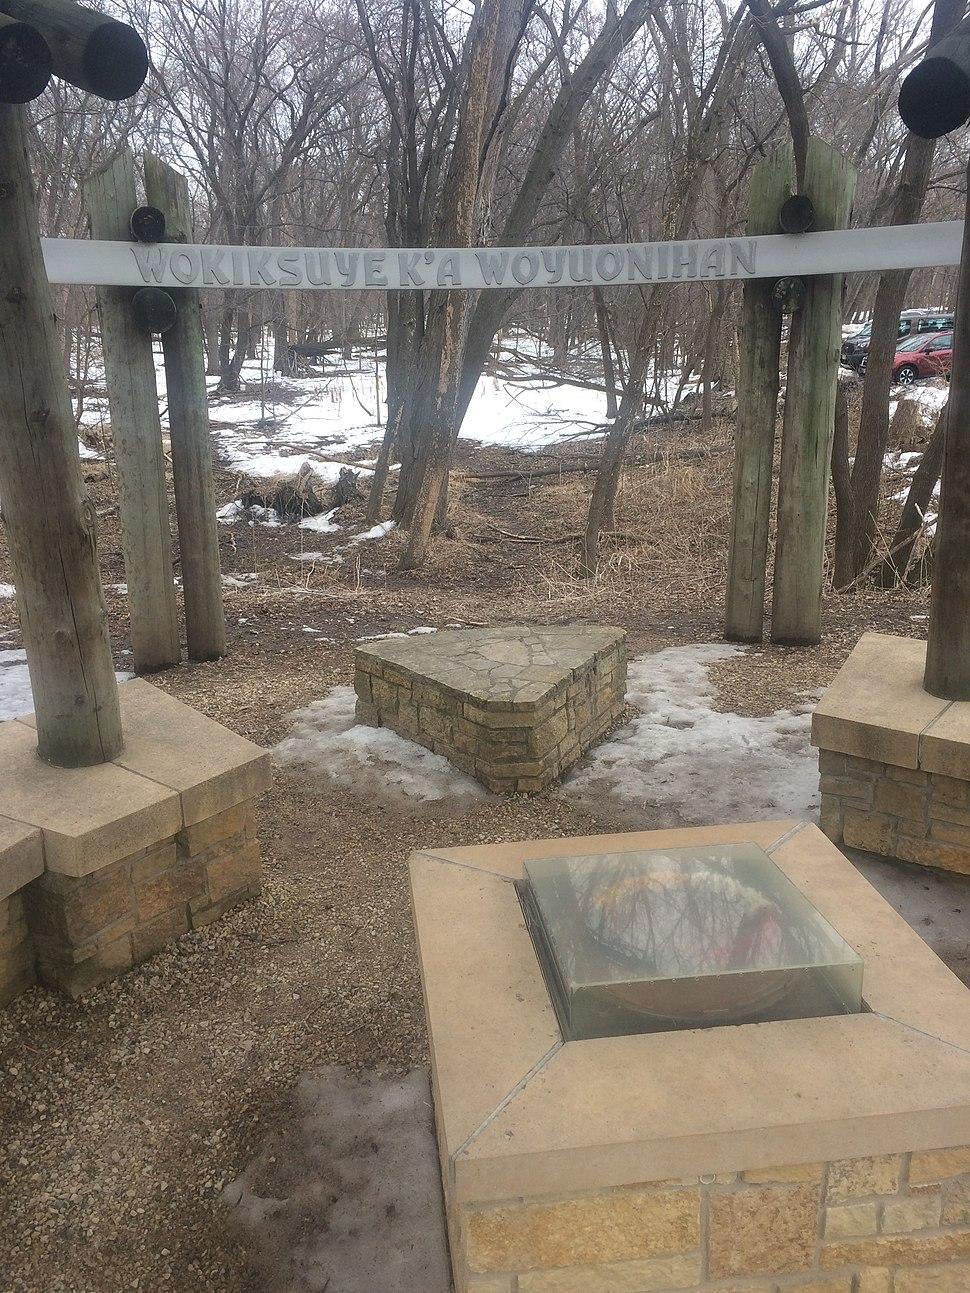 Wokiksuye K'a Woyuonihan Memorial